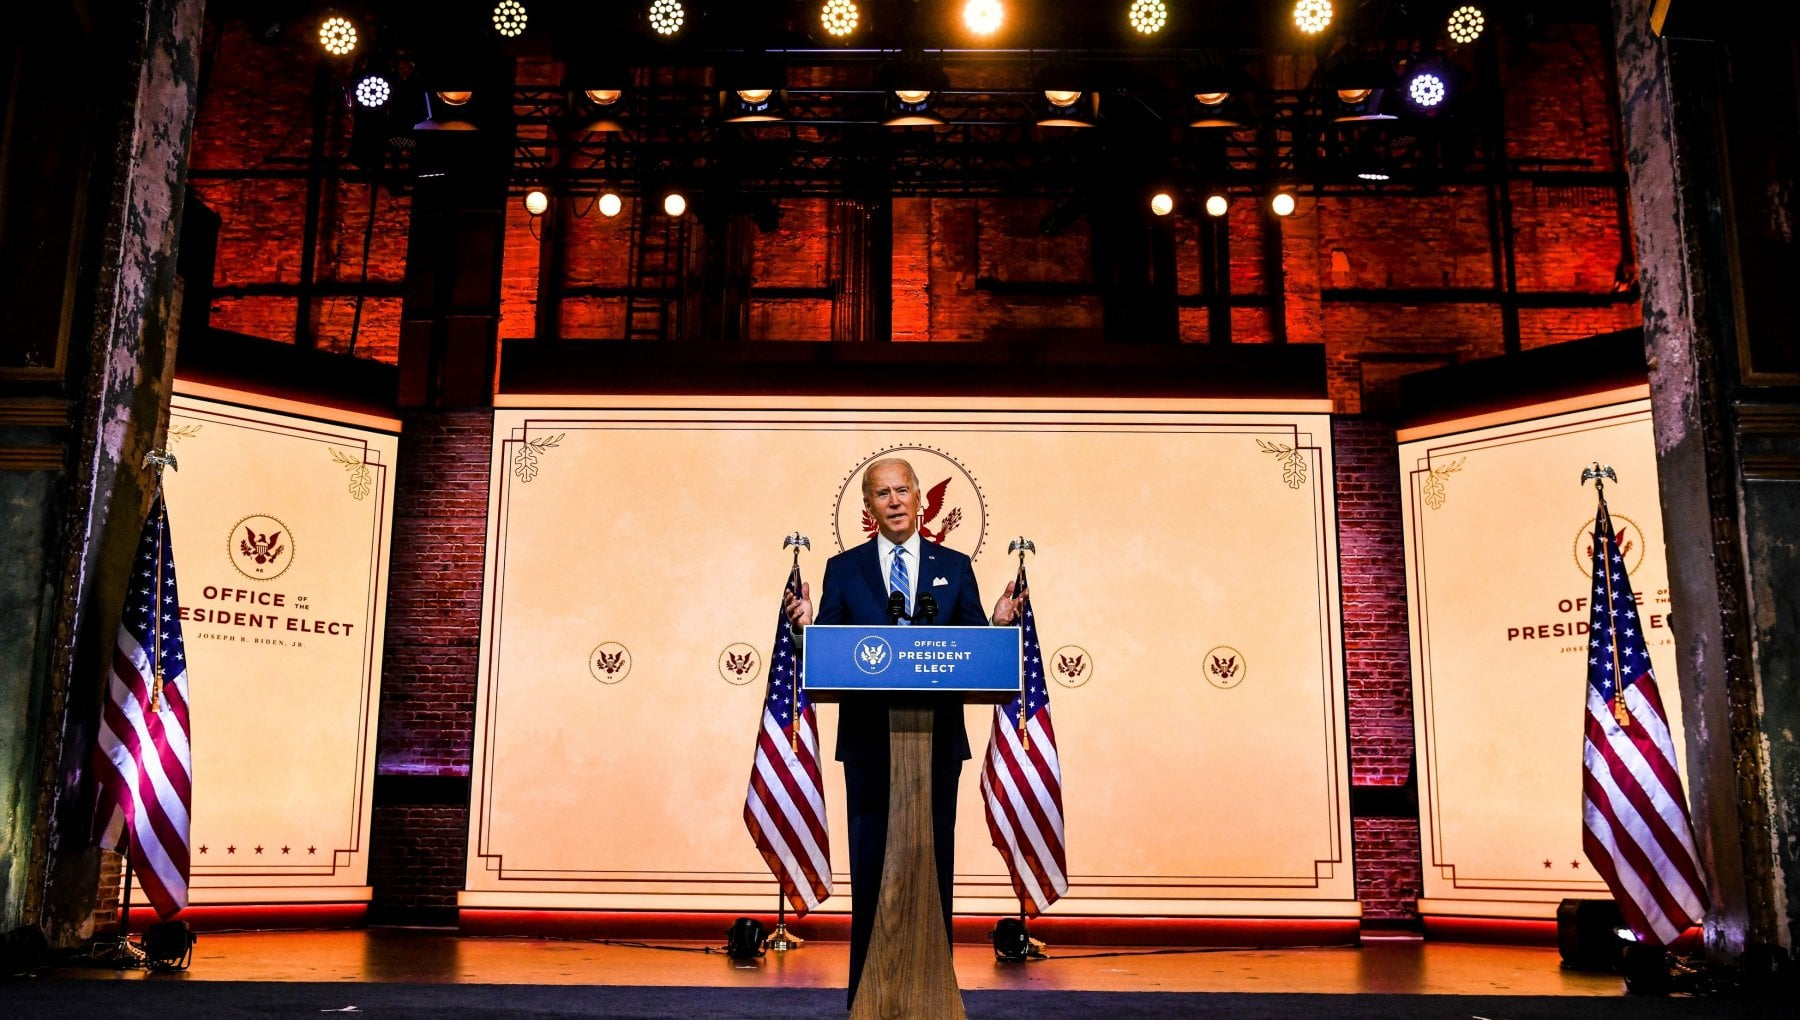 Stati Uniti la scelta di Biden la comunicazione affidata a un team di sole donne